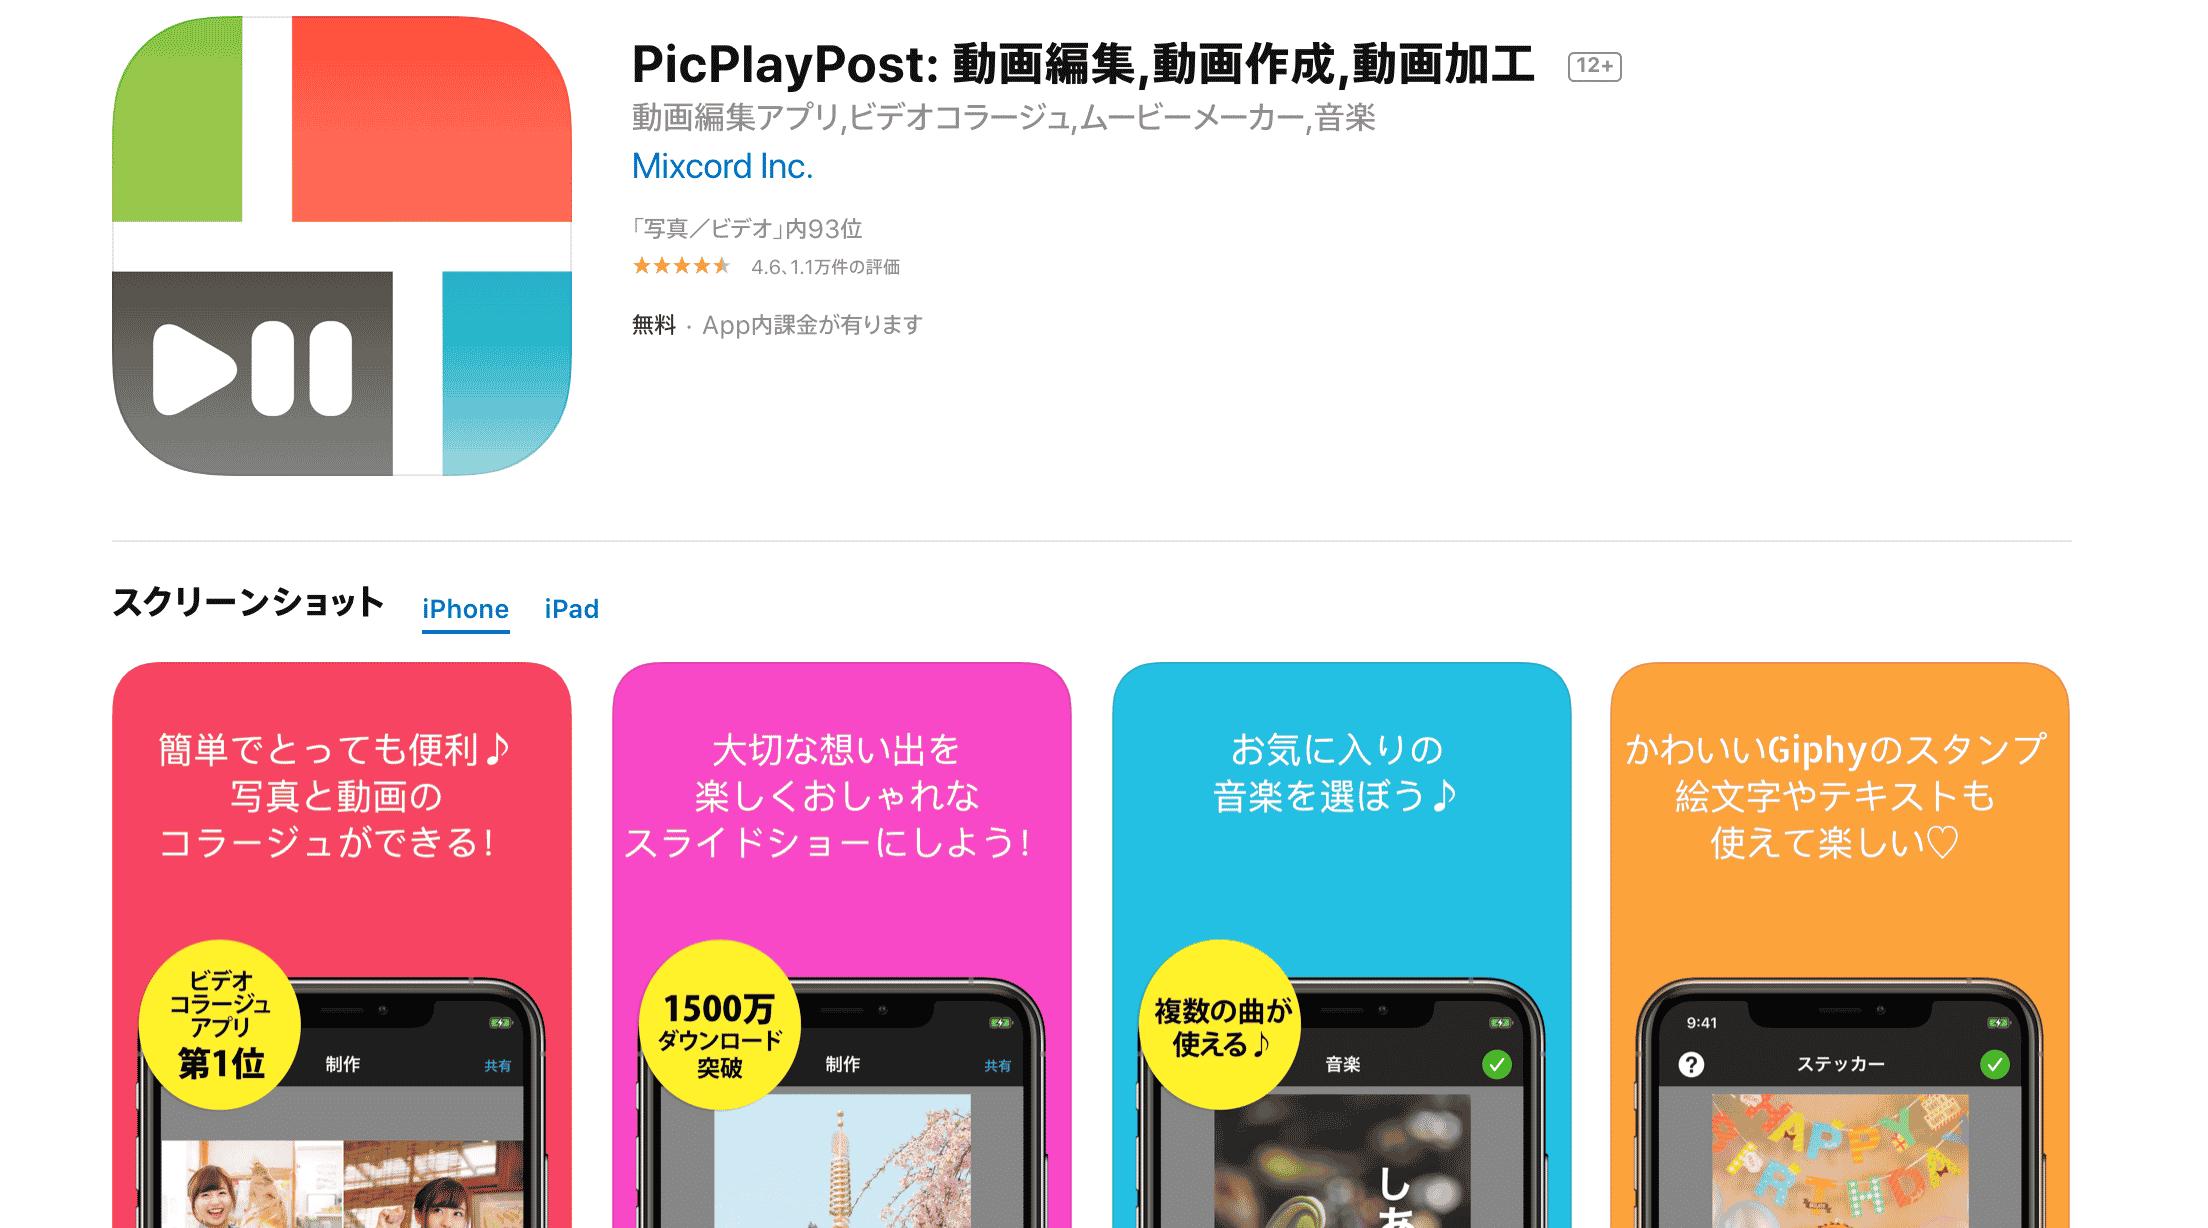 複数の動画や画像を1つにコラージュすることができる「PicPlayPost」